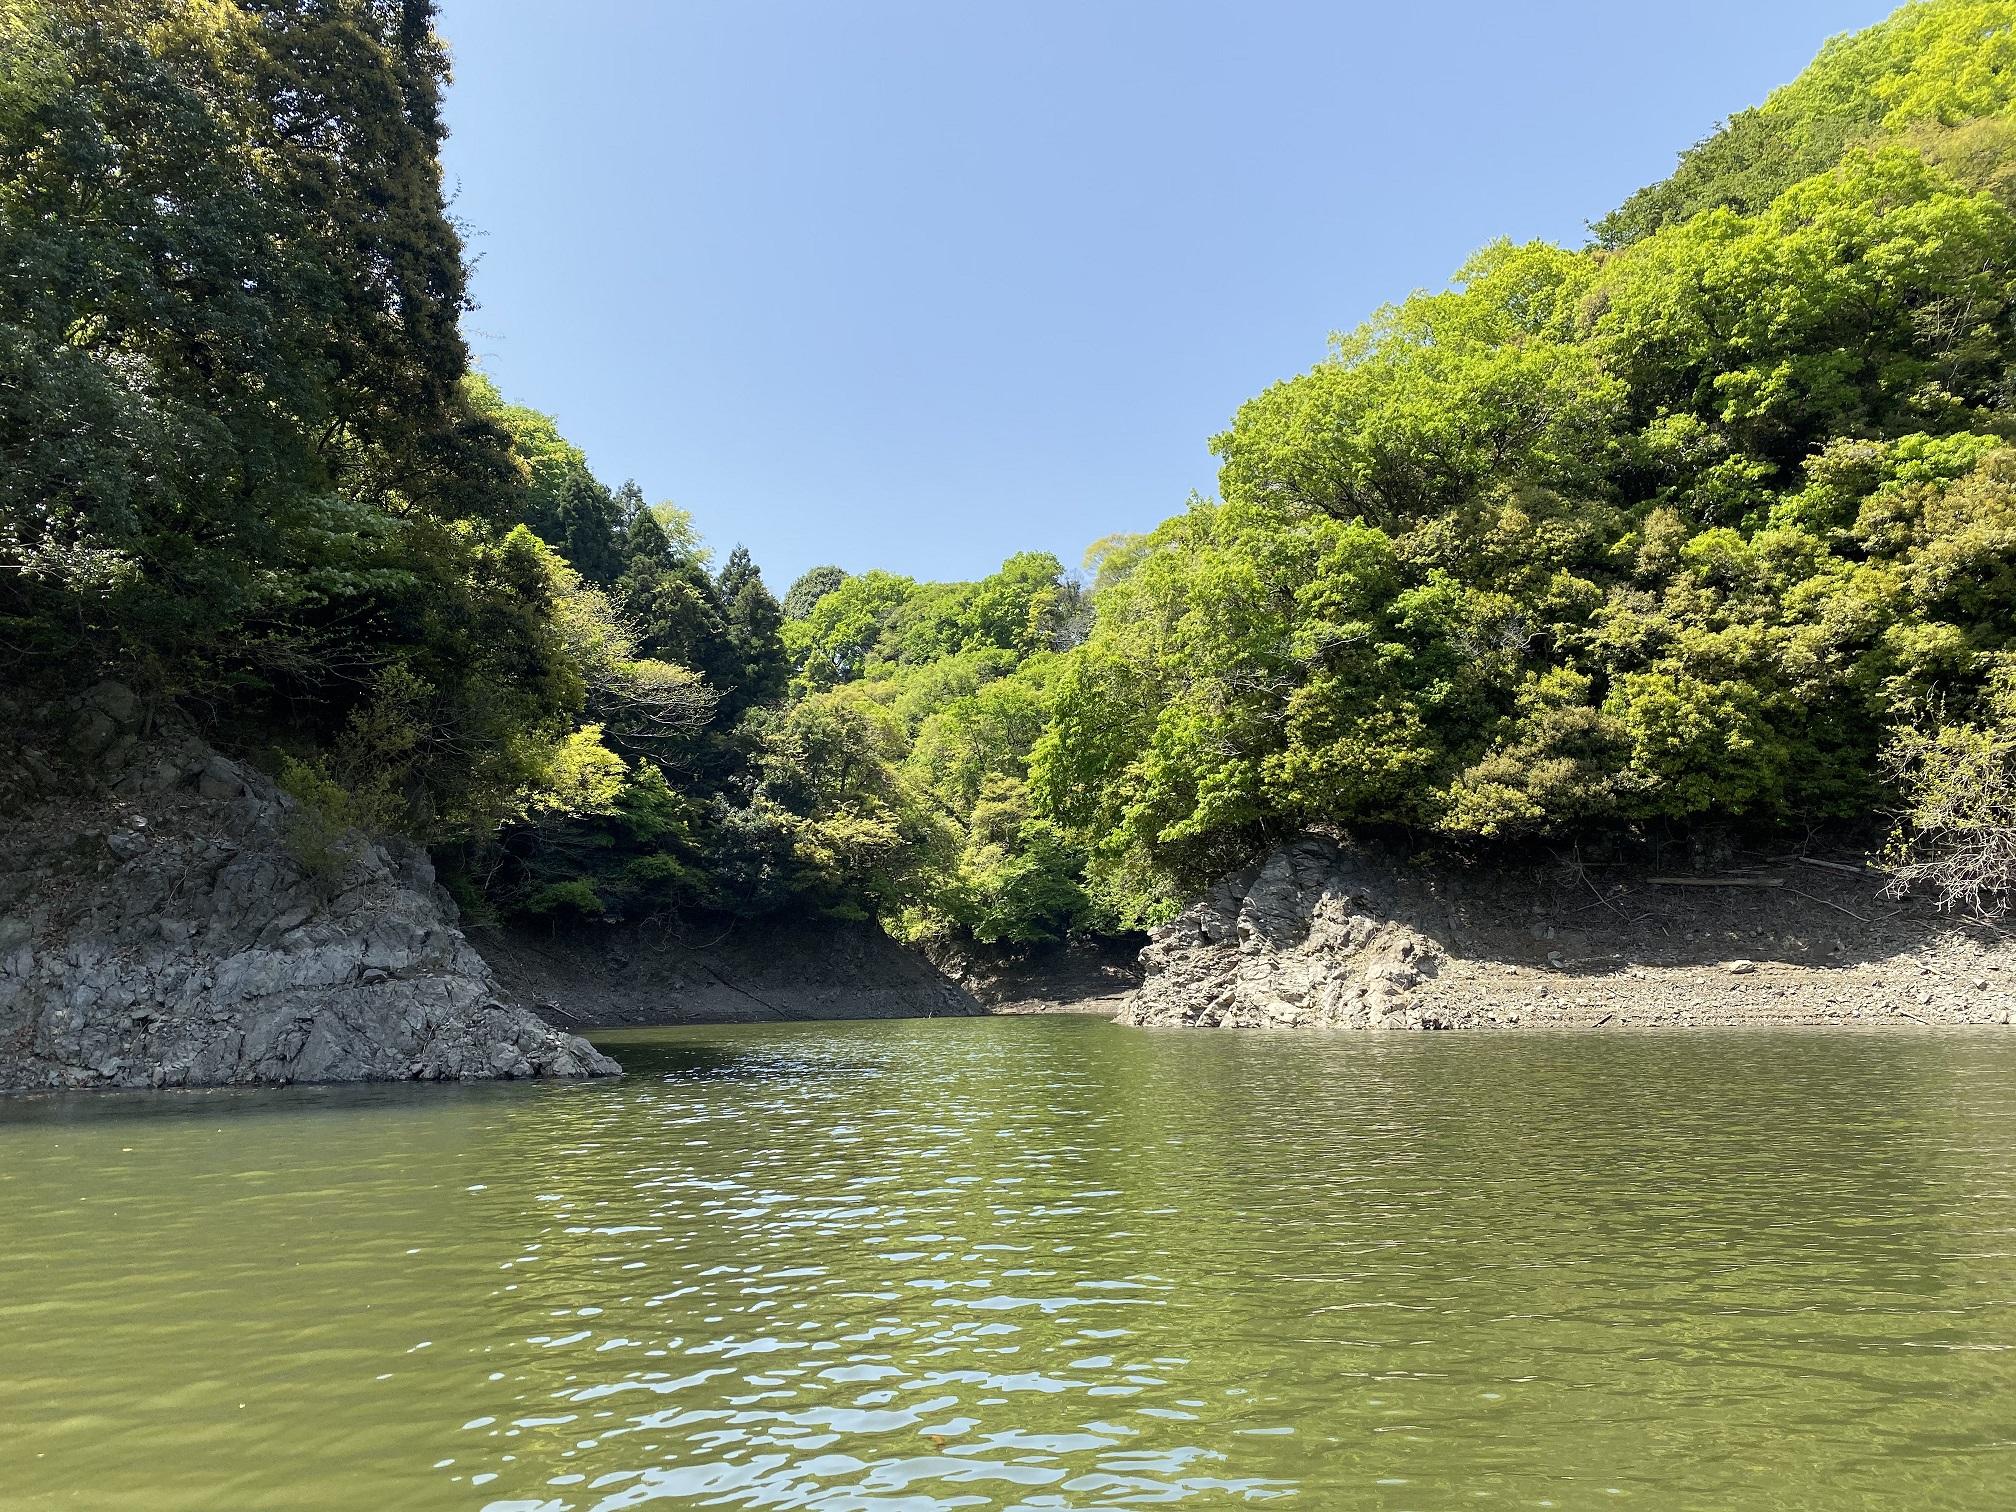 津久井湖 大沢ワンド 奥